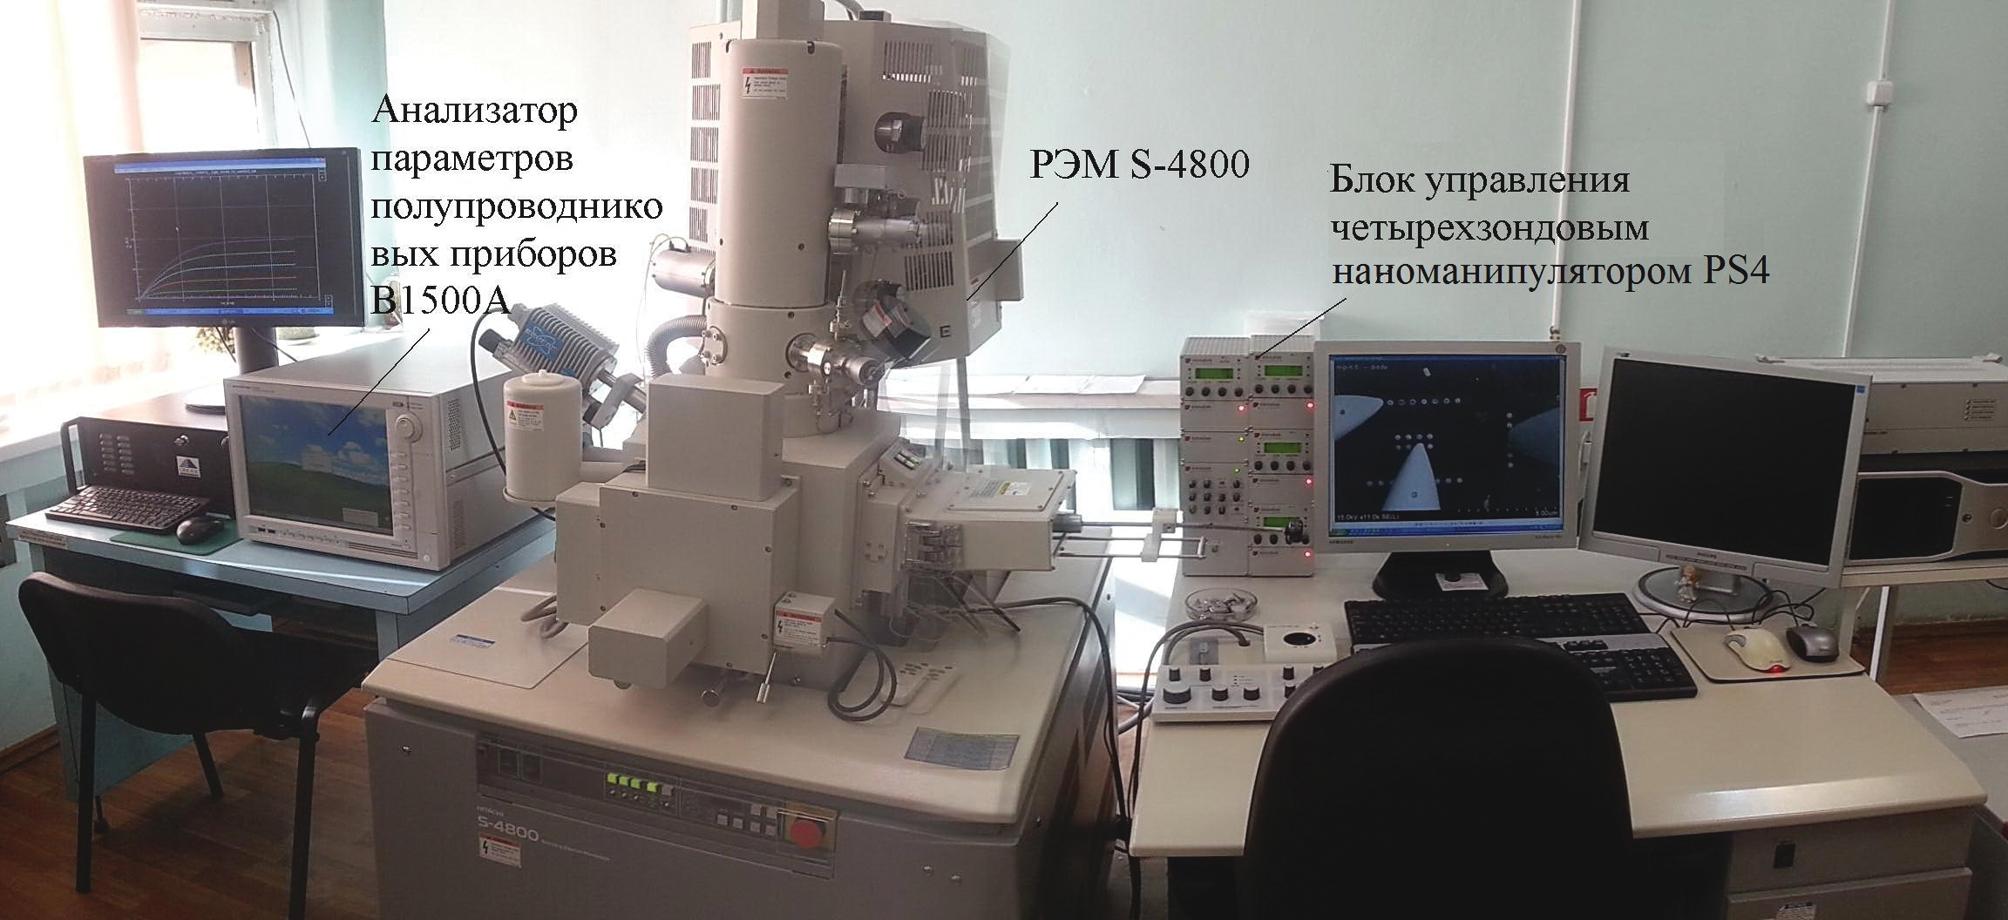 Измерительный комплекс контроля элементов ИС методом EBIC